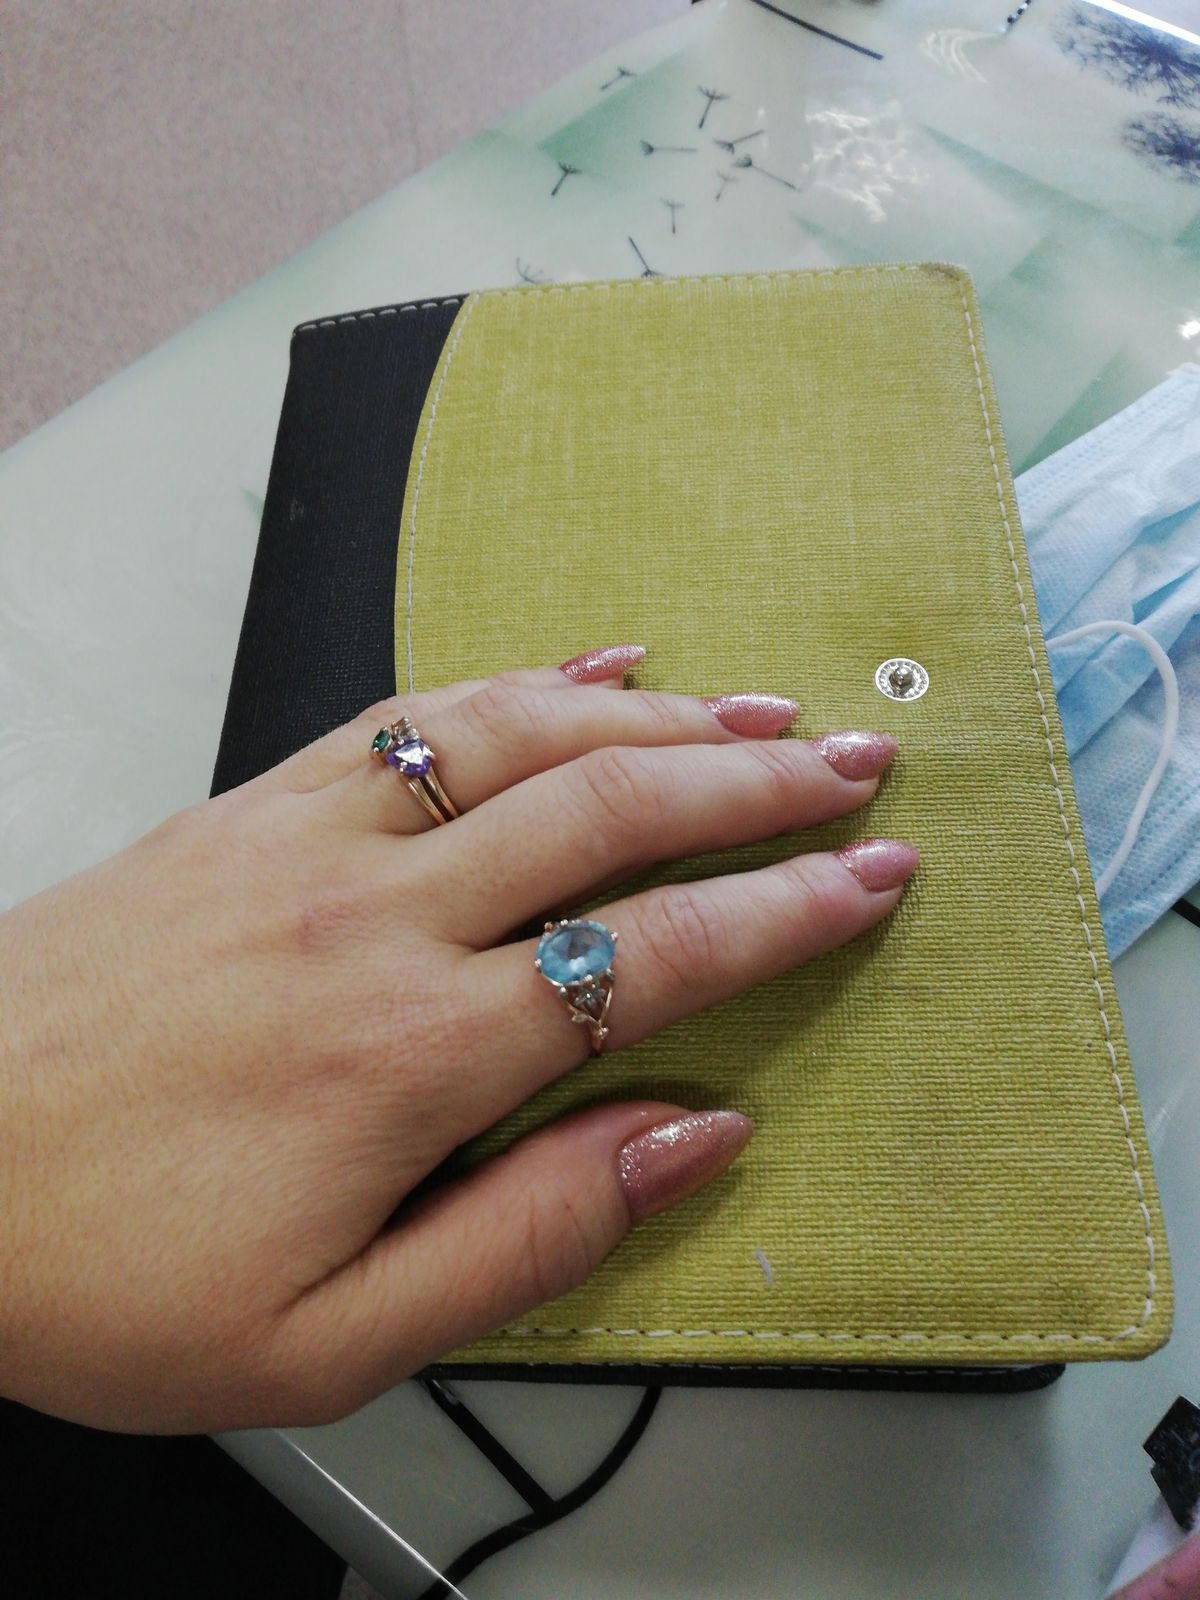 Кольцо очень нравитья